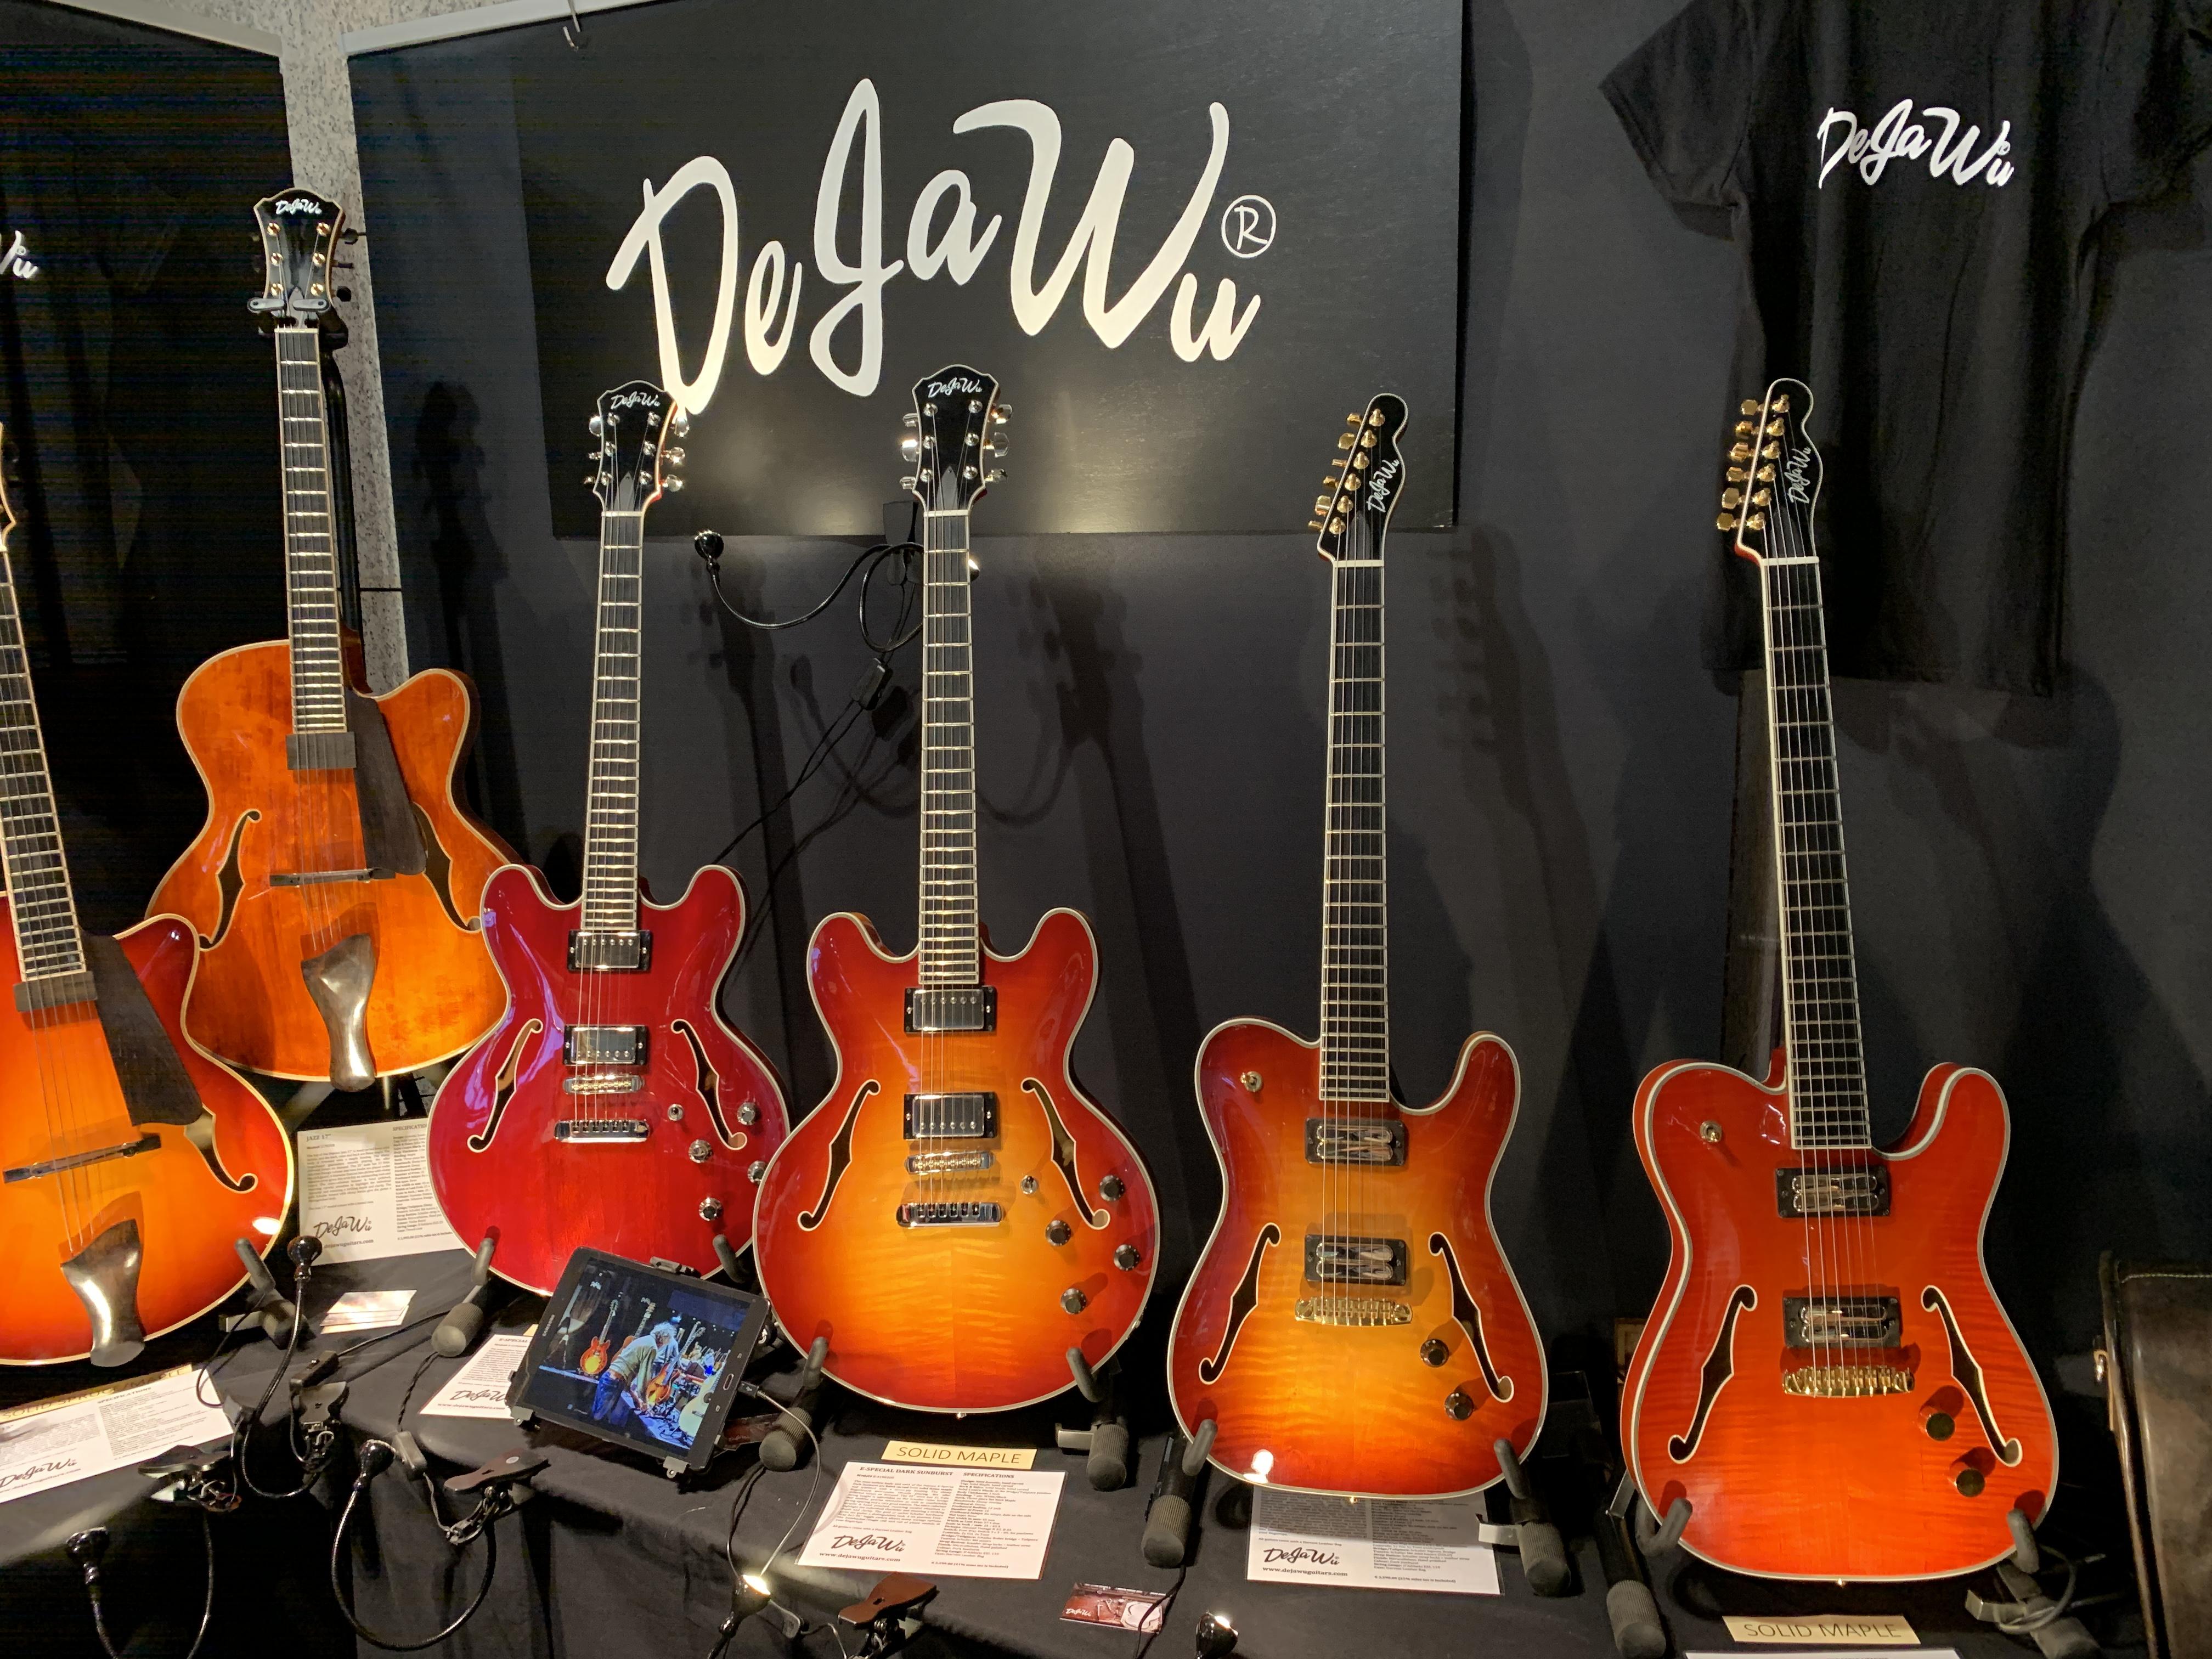 Guitar Summit 2019 - Jour 2 : des guitares, des guitares encore des guitares !